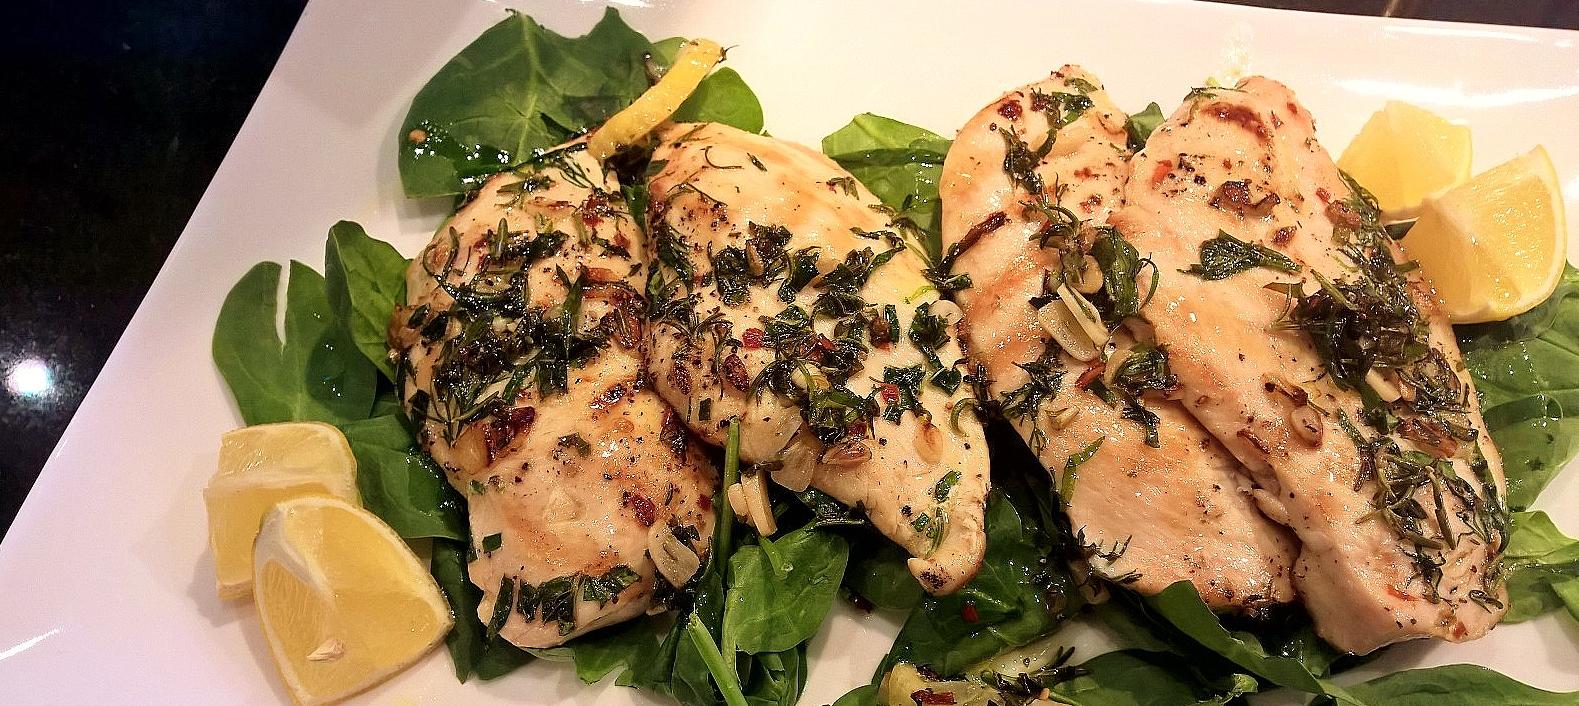 Grilled Chicken Cutlets with Garlic-Herb Oil | Around Anna ...